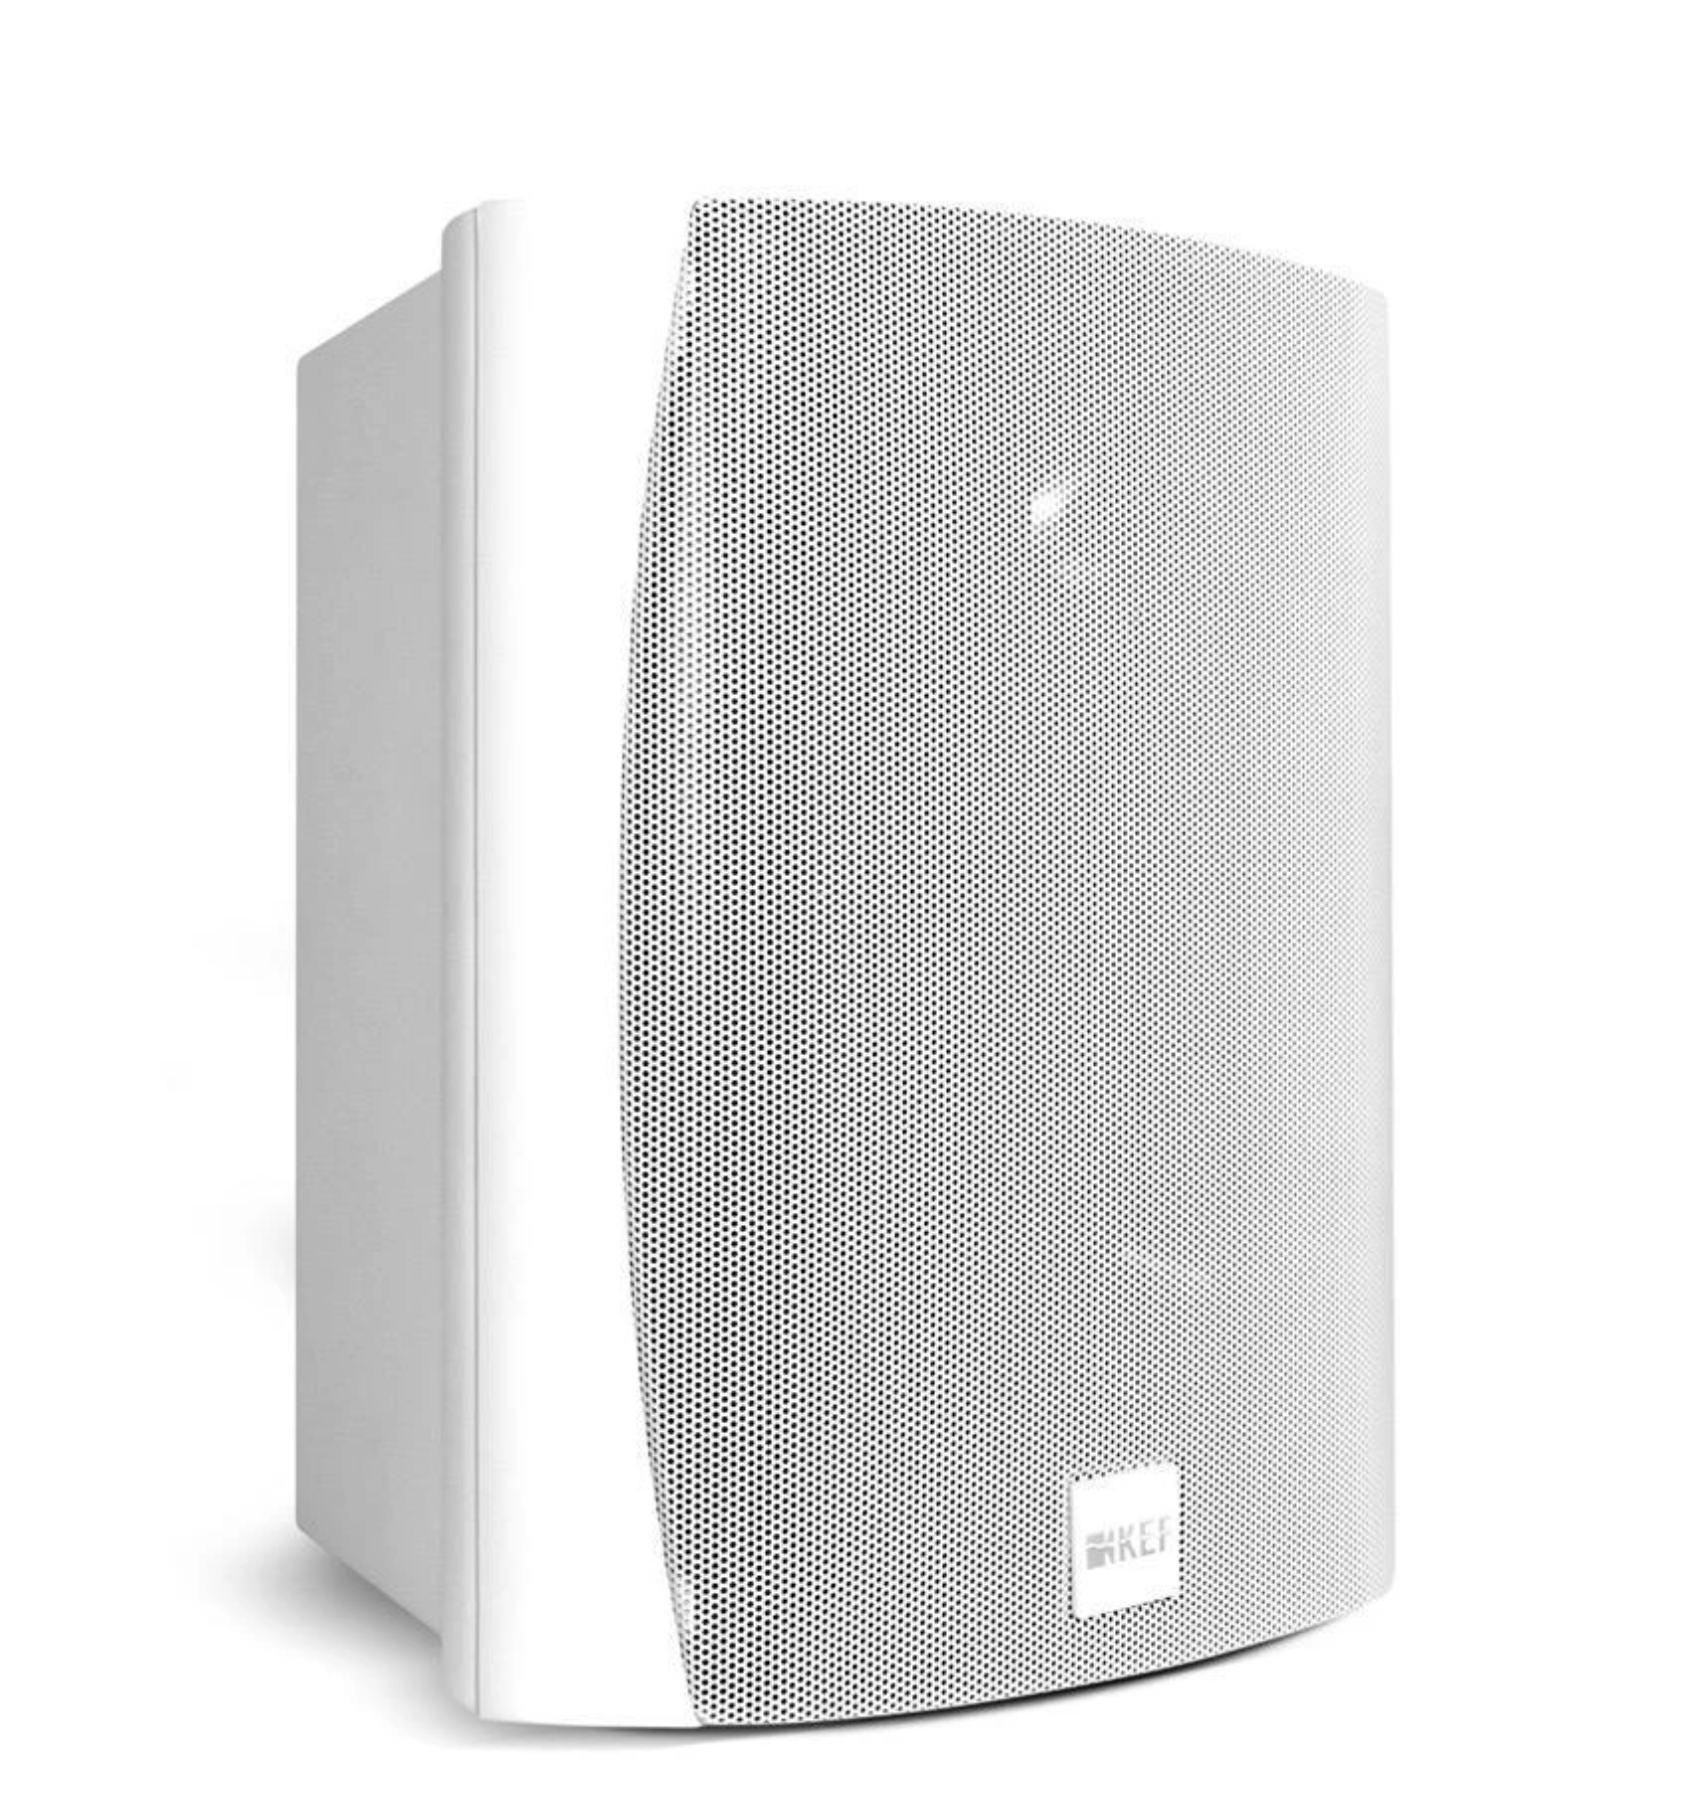 Kef Ventura 5 Caixa Acústica In/outdoor 100w - Par Branco